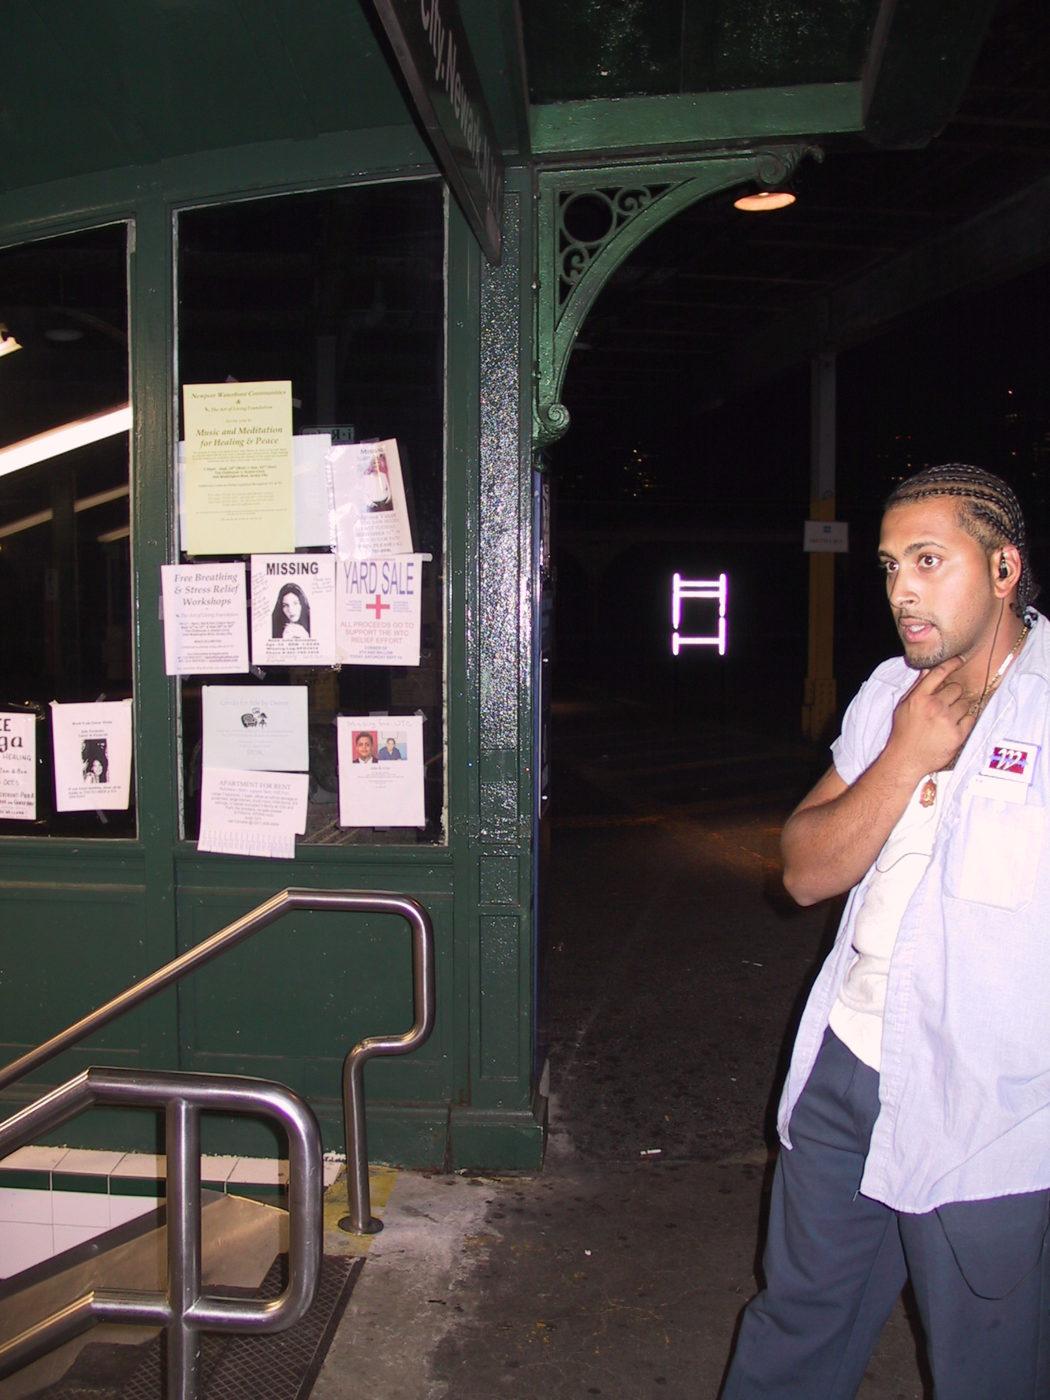 Charles Kramer- Hoboken PATH Entrance, Missing People Posters, September 23, 2001